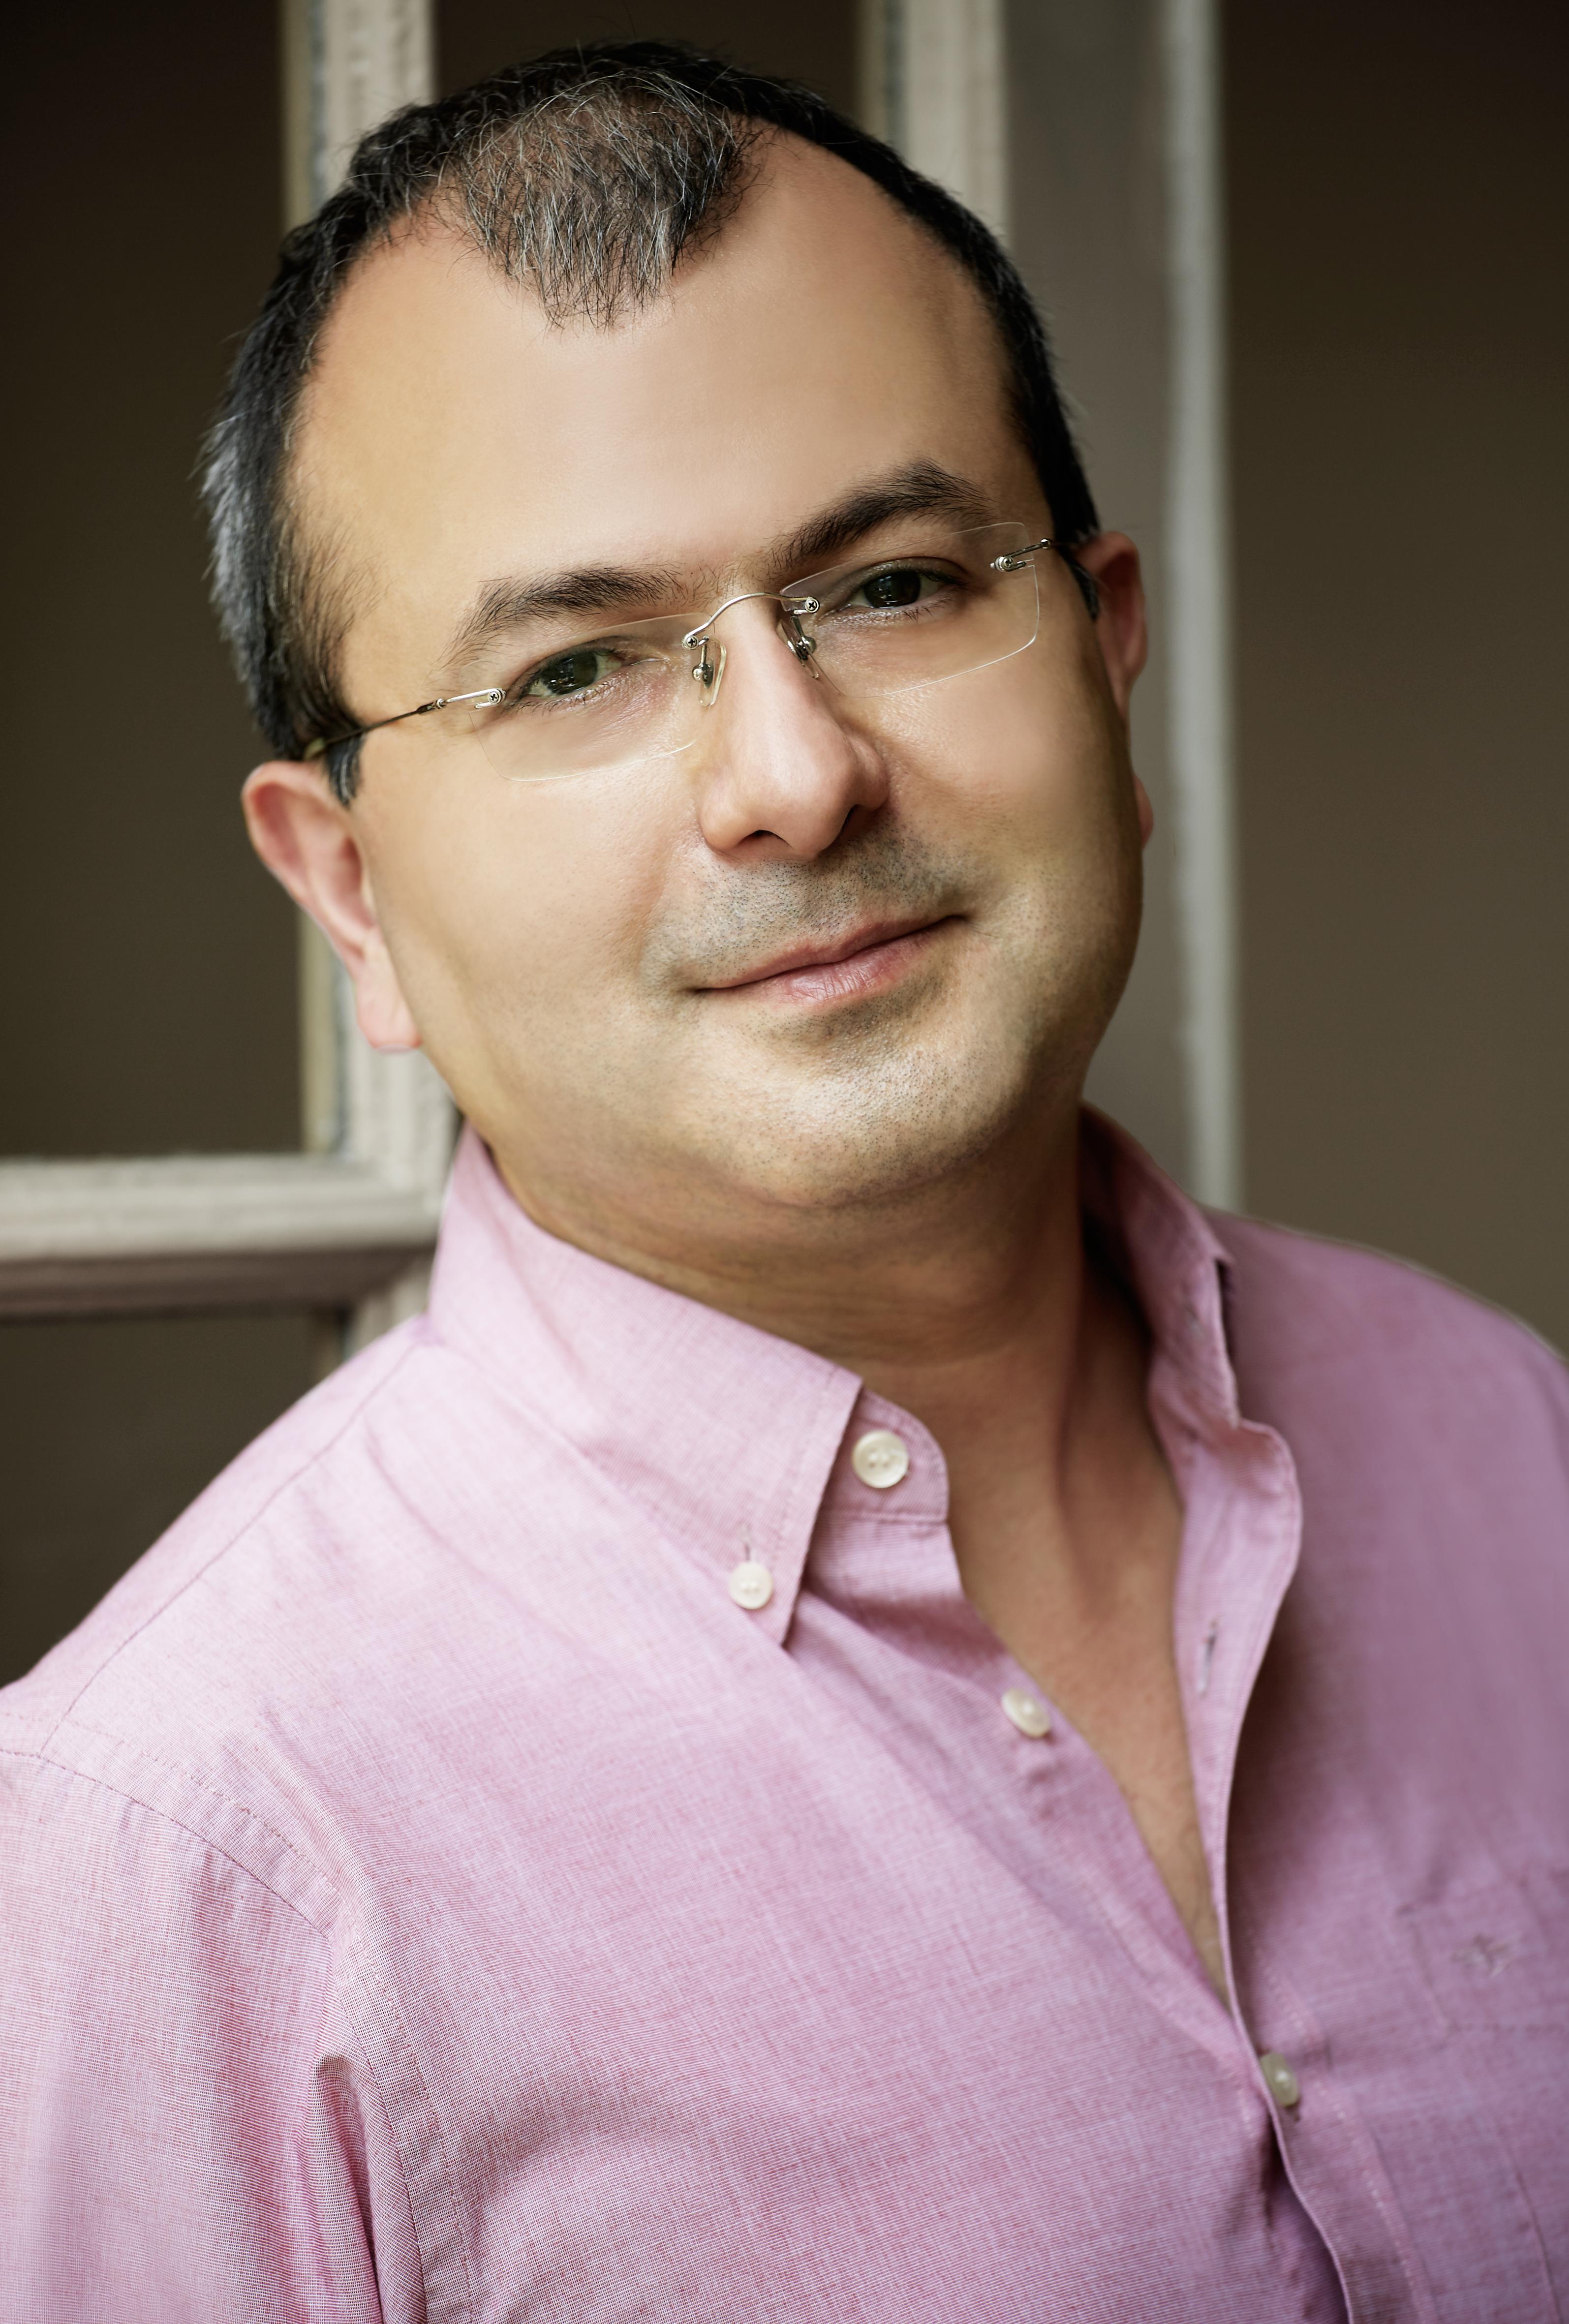 Jean Luc Ariaux